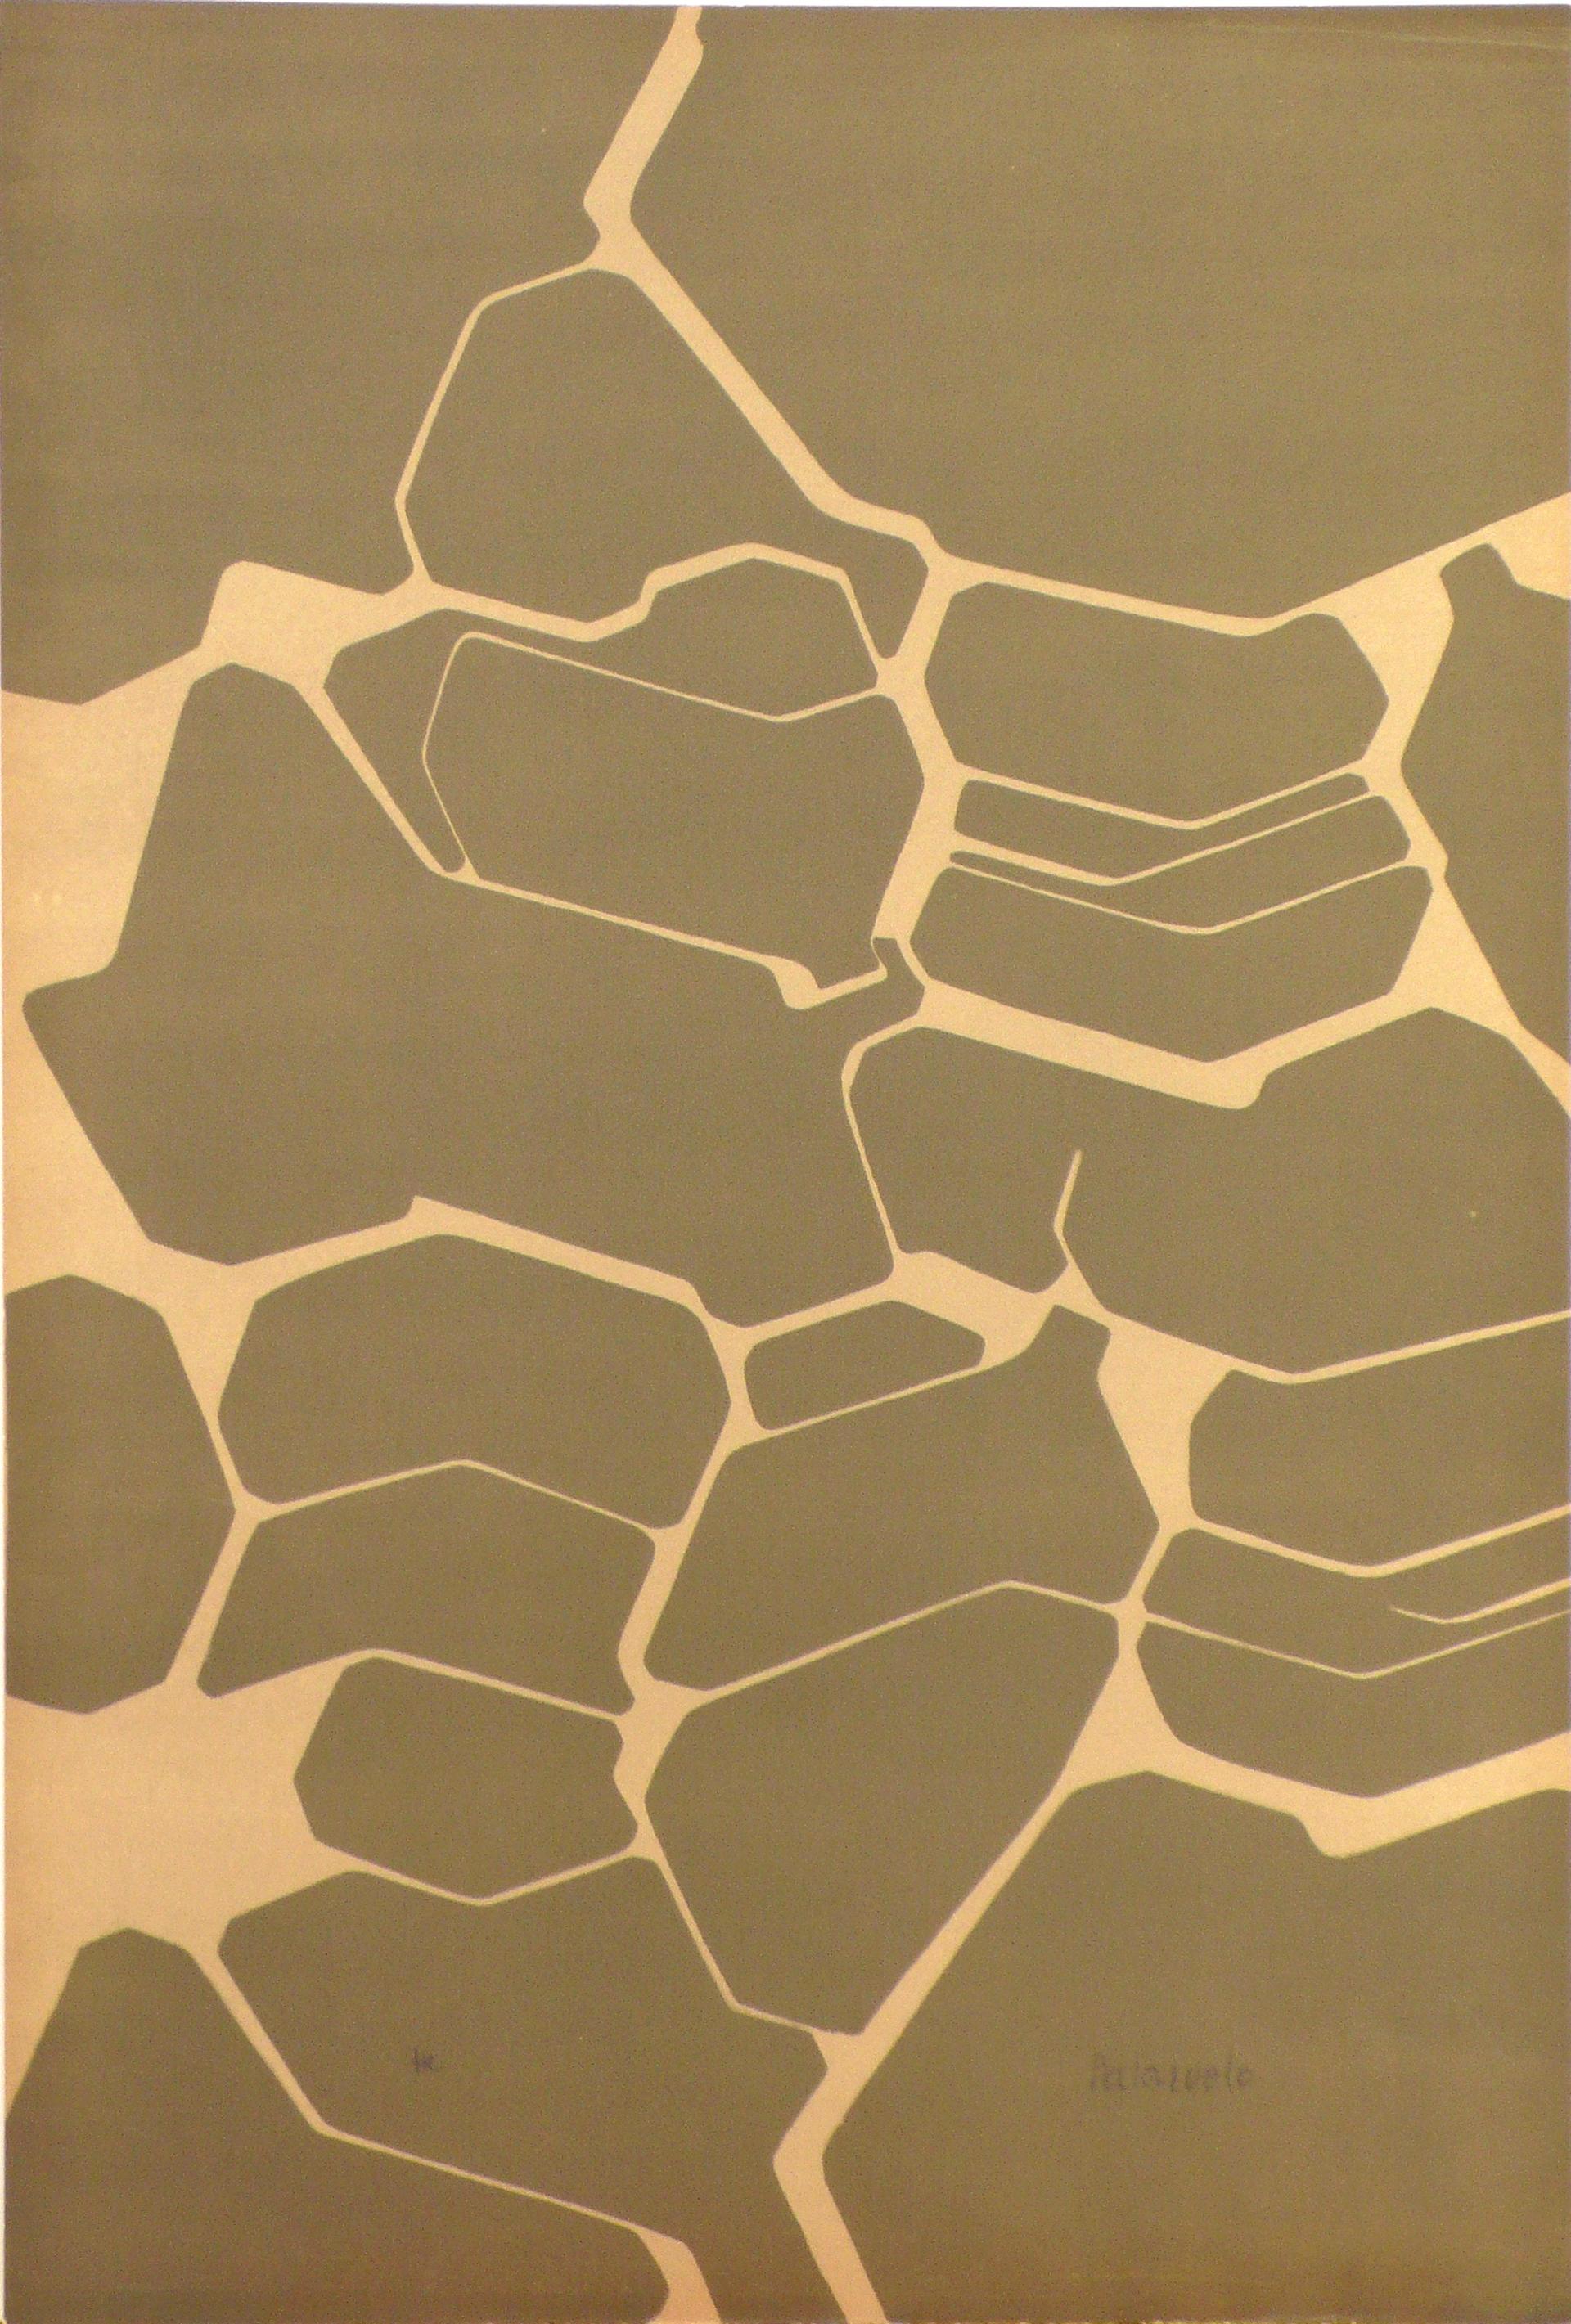 """Obra gráfica """"Tempo gris"""" de Pablo Palazuelo. Litografía sobre papel. 1958"""